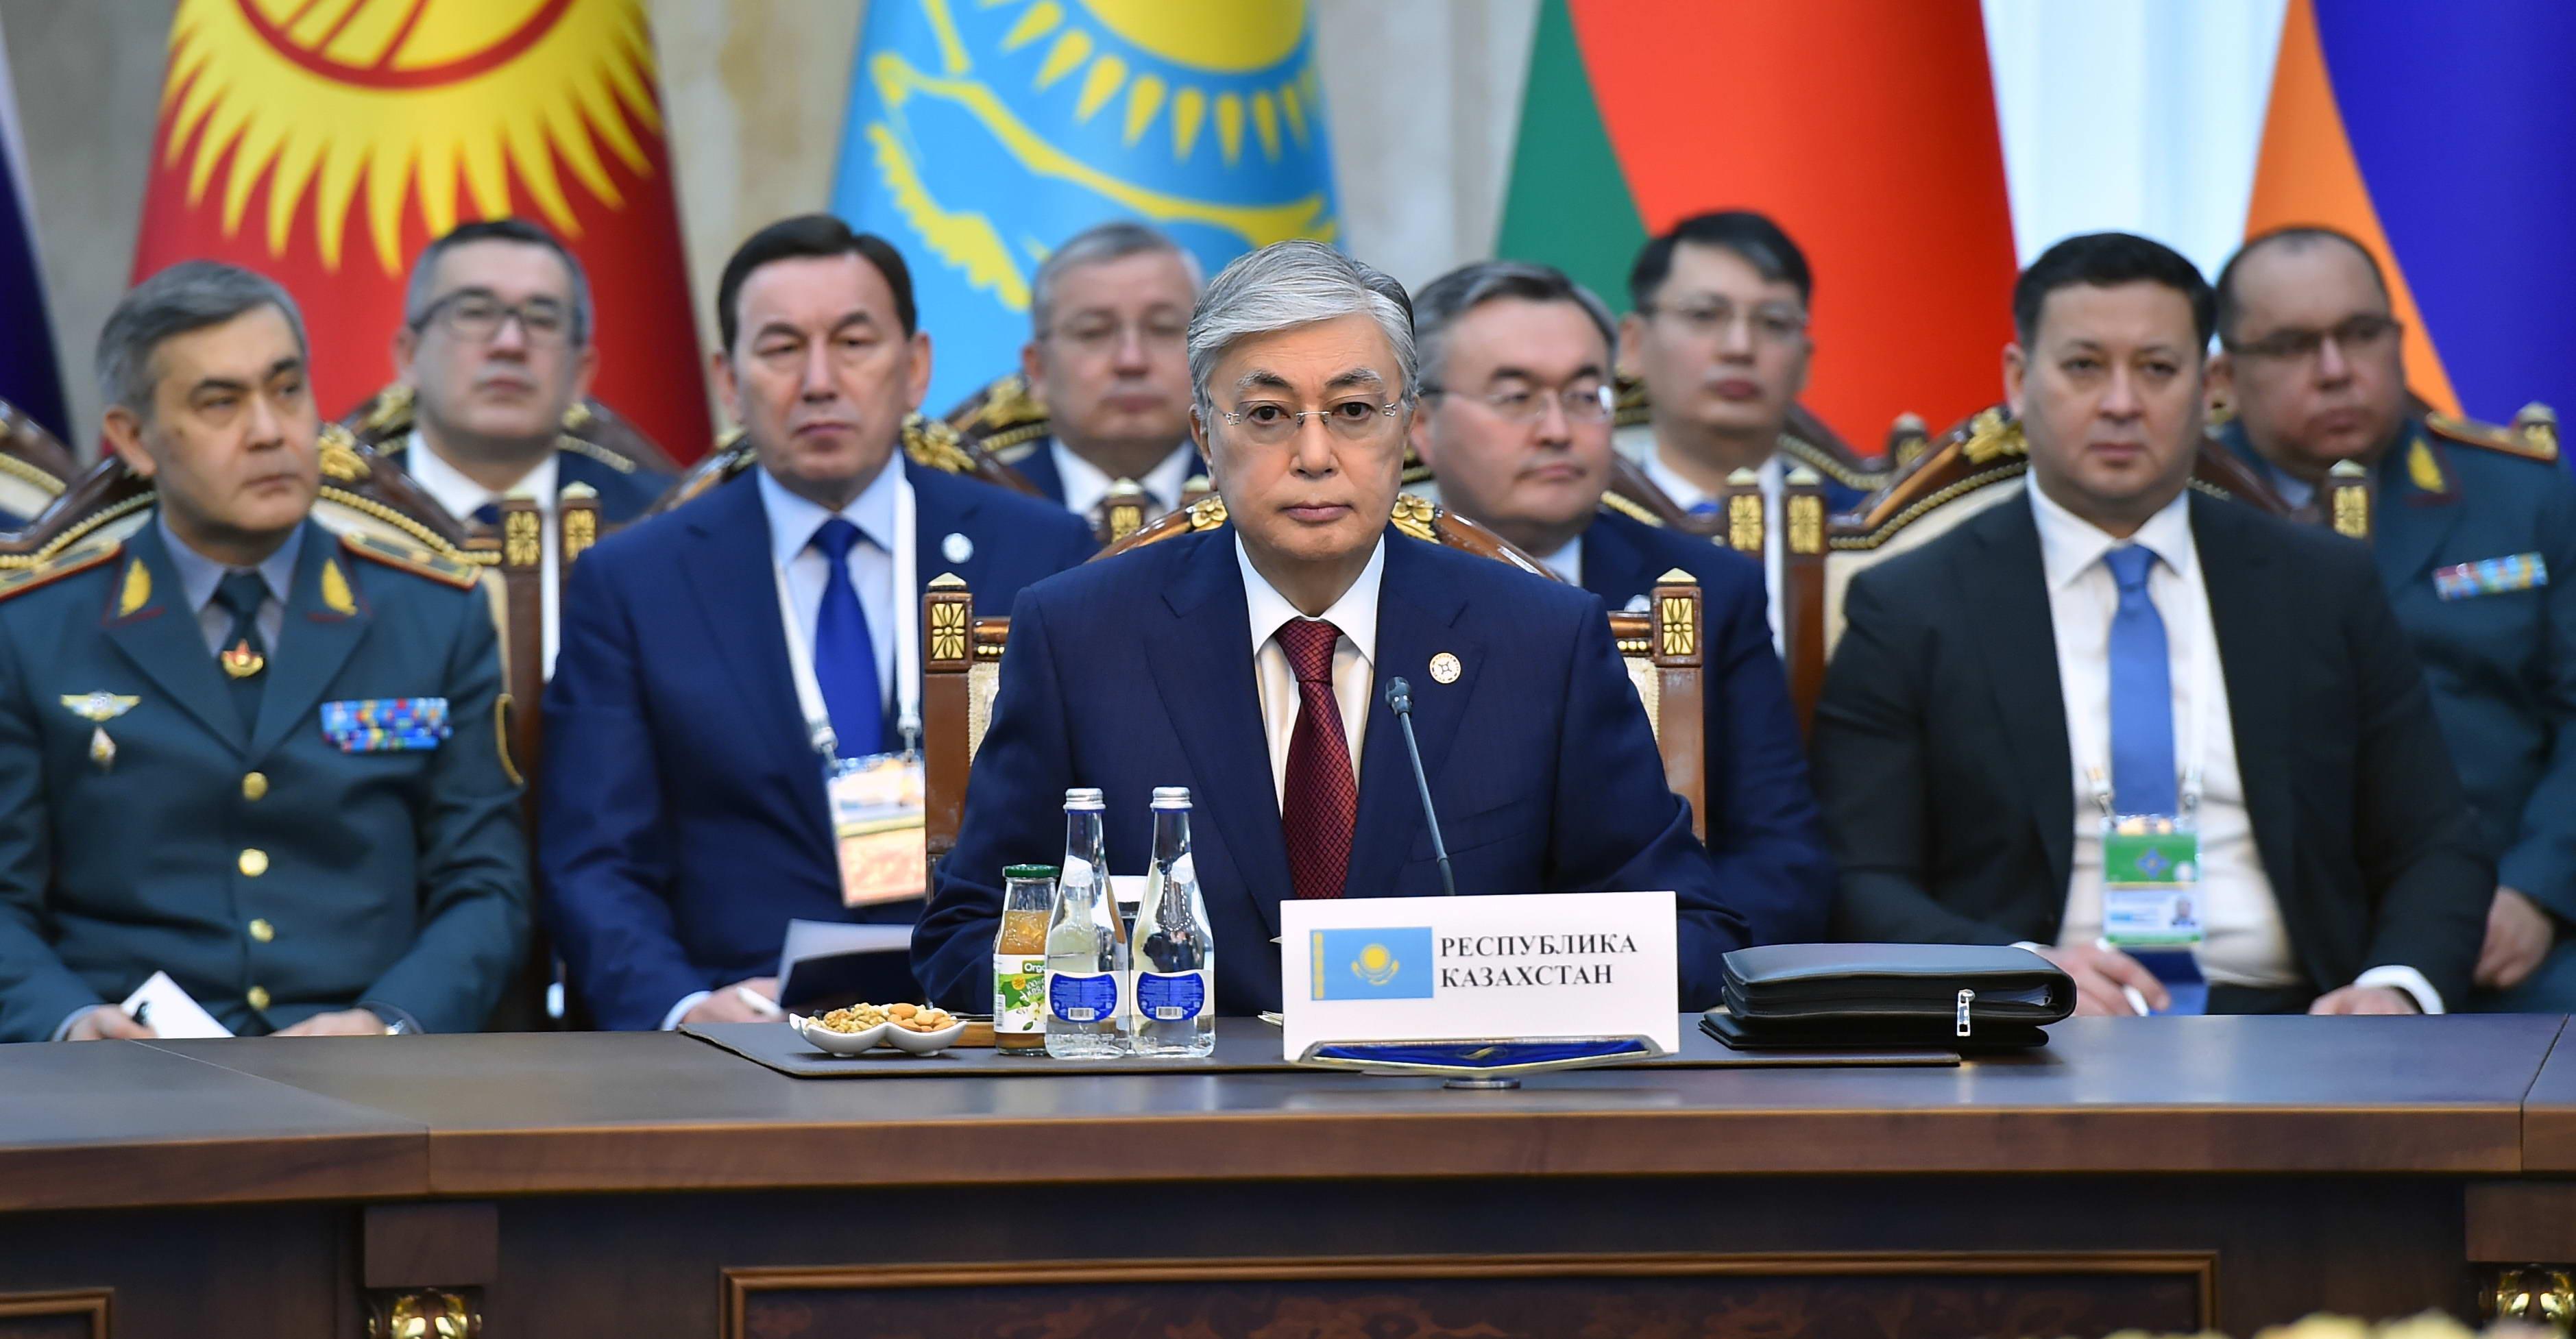 Глава государства принял участие в сессии Совета коллективной безопасности ОДКБ